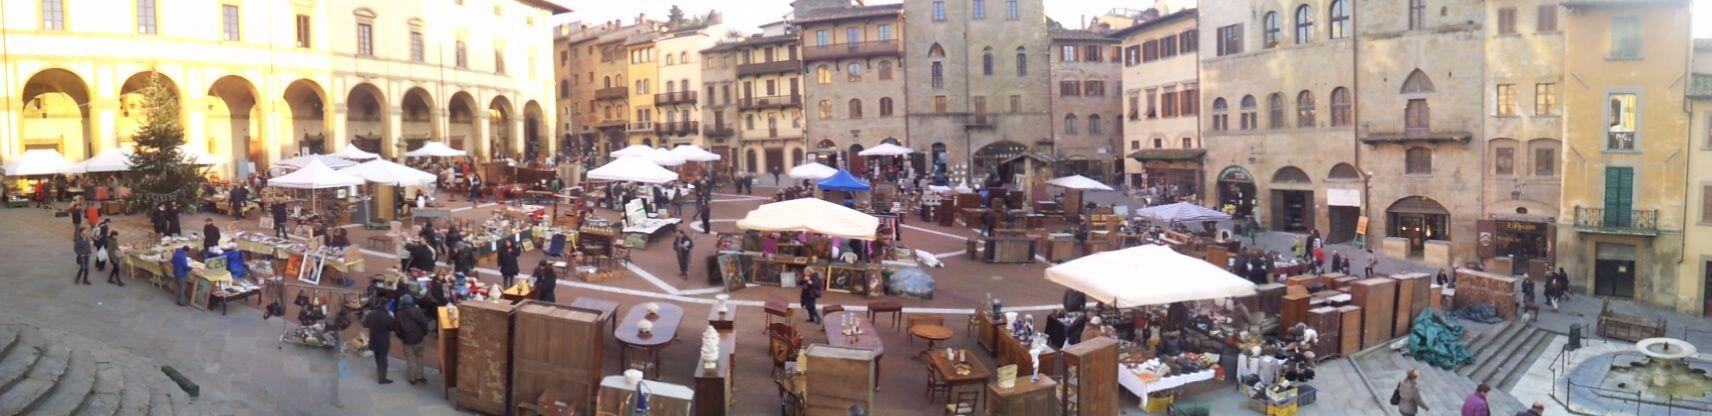 Antiques fair in Piazza Grande, #Arezzo